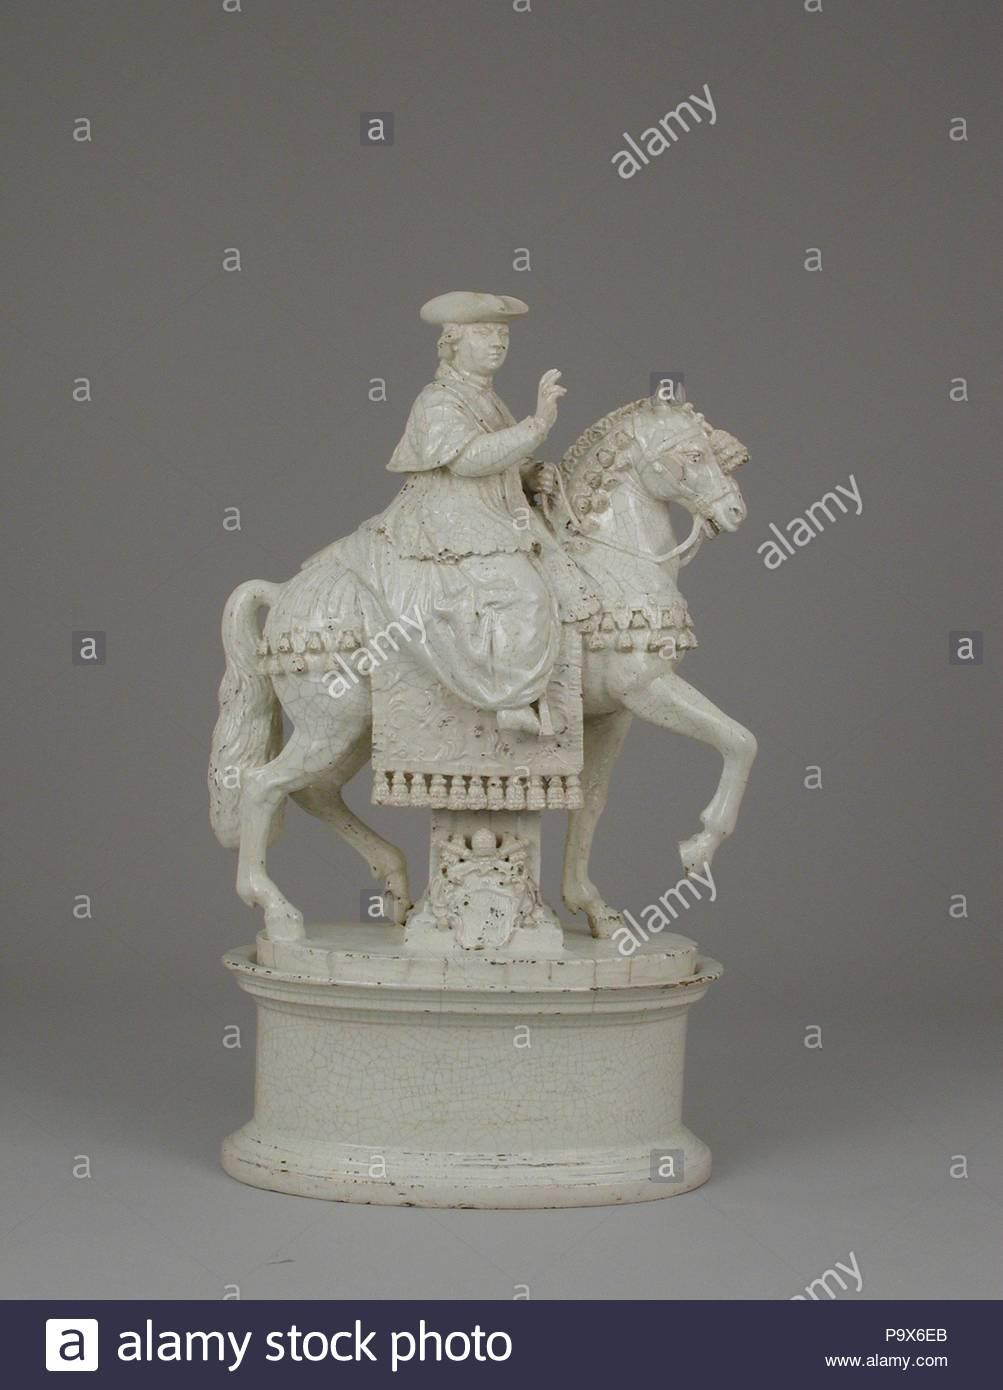 Papst Pius VI. auf dem Pferderücken, Ca. 1784, Italienisch, Rom, Weiß glasiert Steingut, Insgesamt (bestätigt): 18 1/8 x 11 x 6 5/8 in. (46 × 27,9 × 16,8 cm), Ceramics-Pottery, Antonio und Lorenzo Cialli, Pferdesport Skulptur zeigt Papst Pius VI. (1717 - 1799) auf dem Pferd, mit seinem Arm segnend erhoben. Die Zusammensetzung der Arbeit erinnert an die lange Tradition der italienischen Skulptur im öffentlichen Raum, in der Persönlichkeiten, die oft auf dem Rücken der Pferde in heroischen Posen abgebildet waren. Stockbild